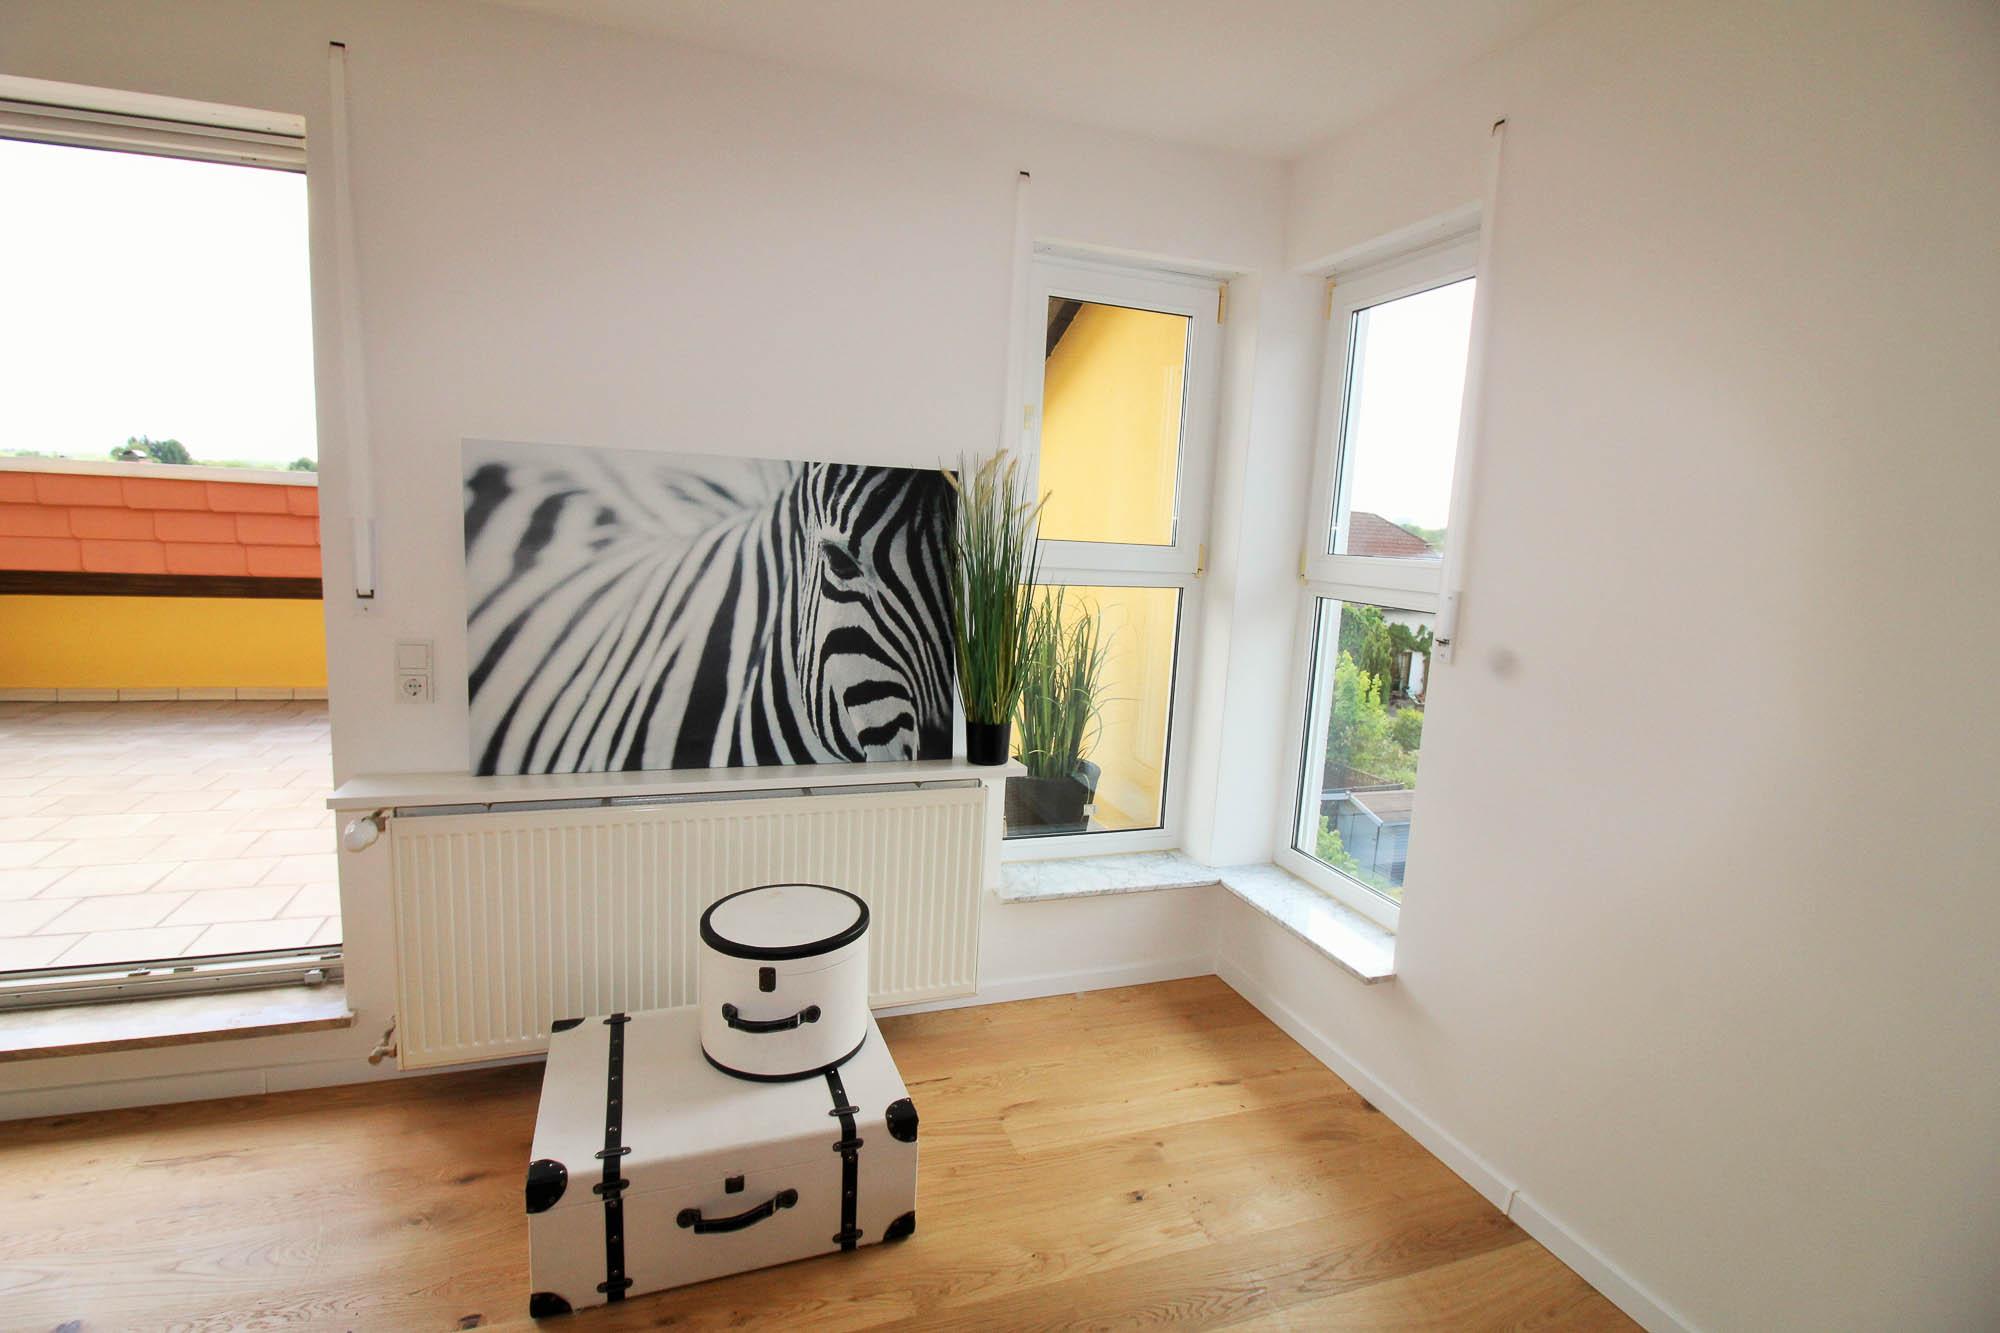 Home - Immobilien Julia Riedesel - Saarbrücken, Saarland und Umgebung